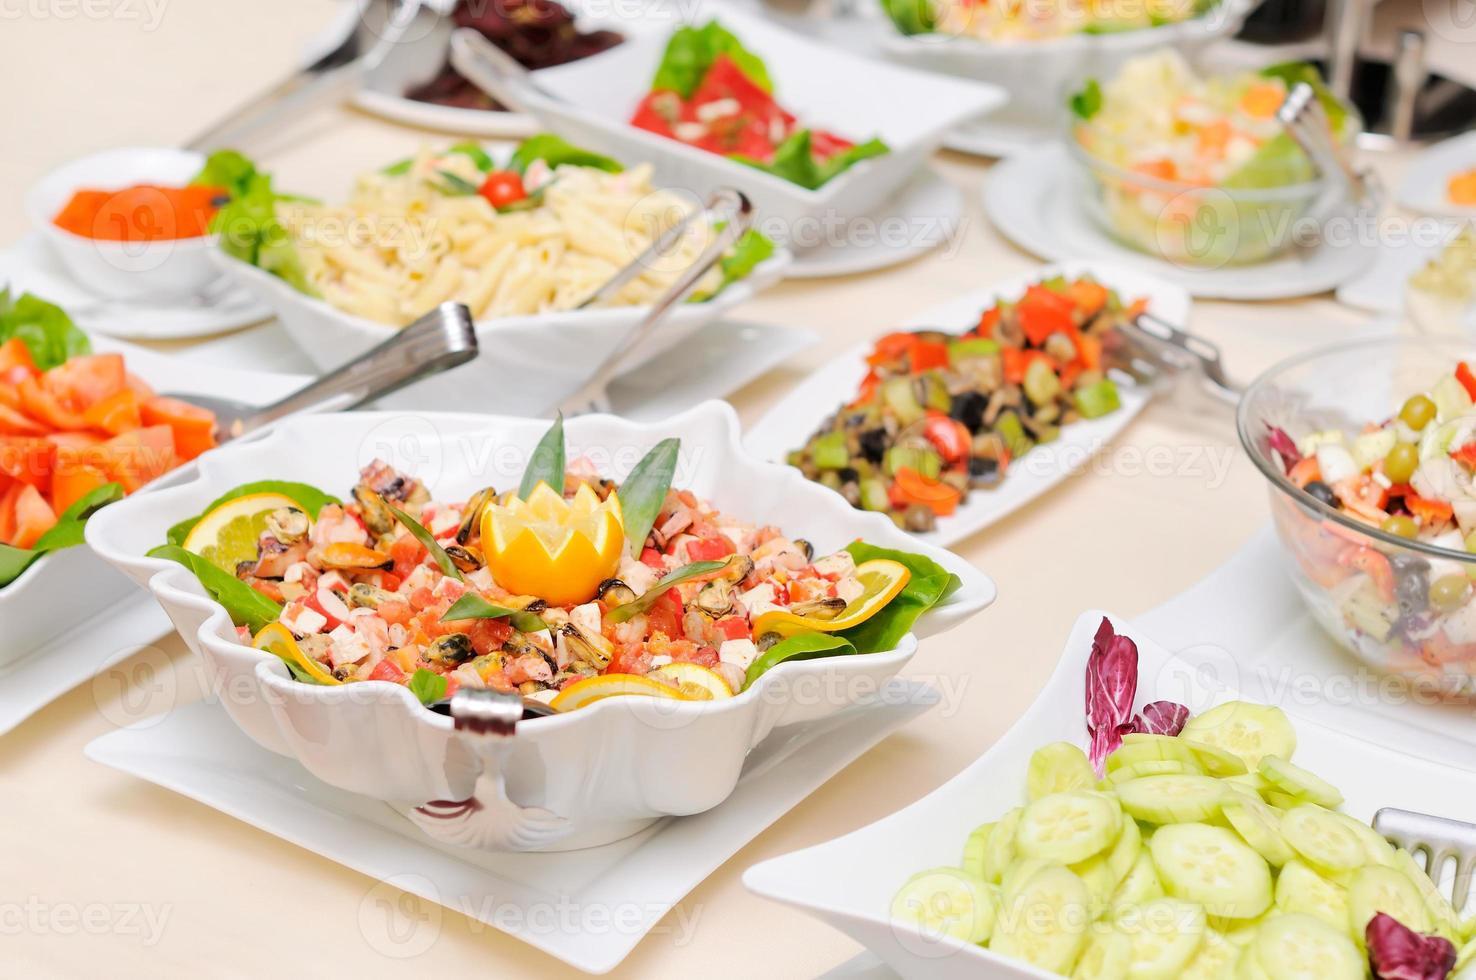 Vielfalt der Salate auf dem Tisch foto